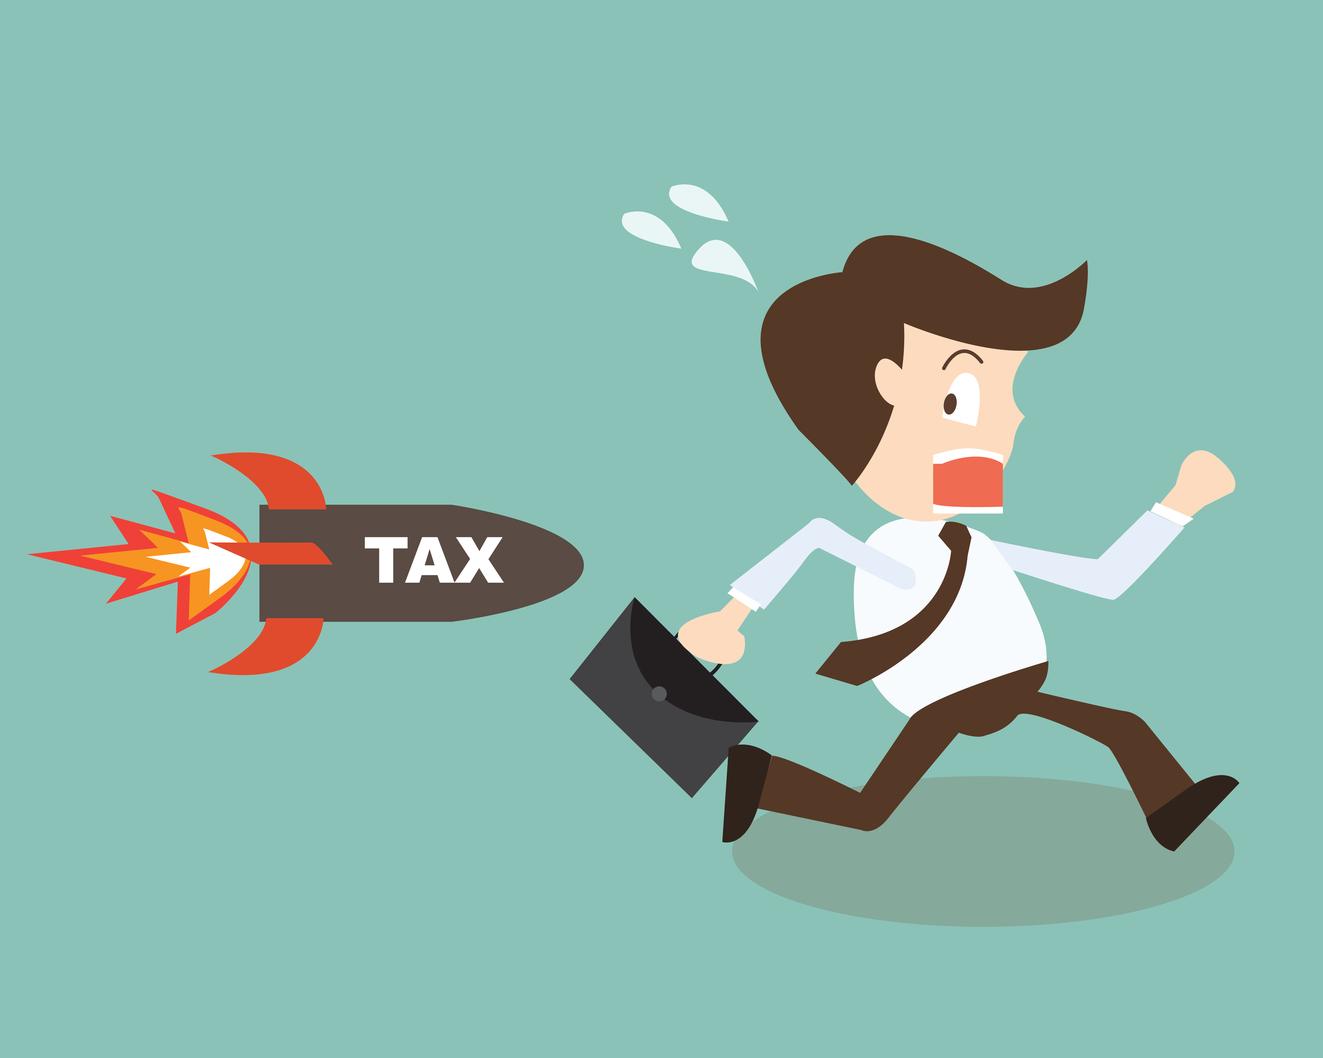 tax levy, tax levies, tax, irs, strategic tax resolution